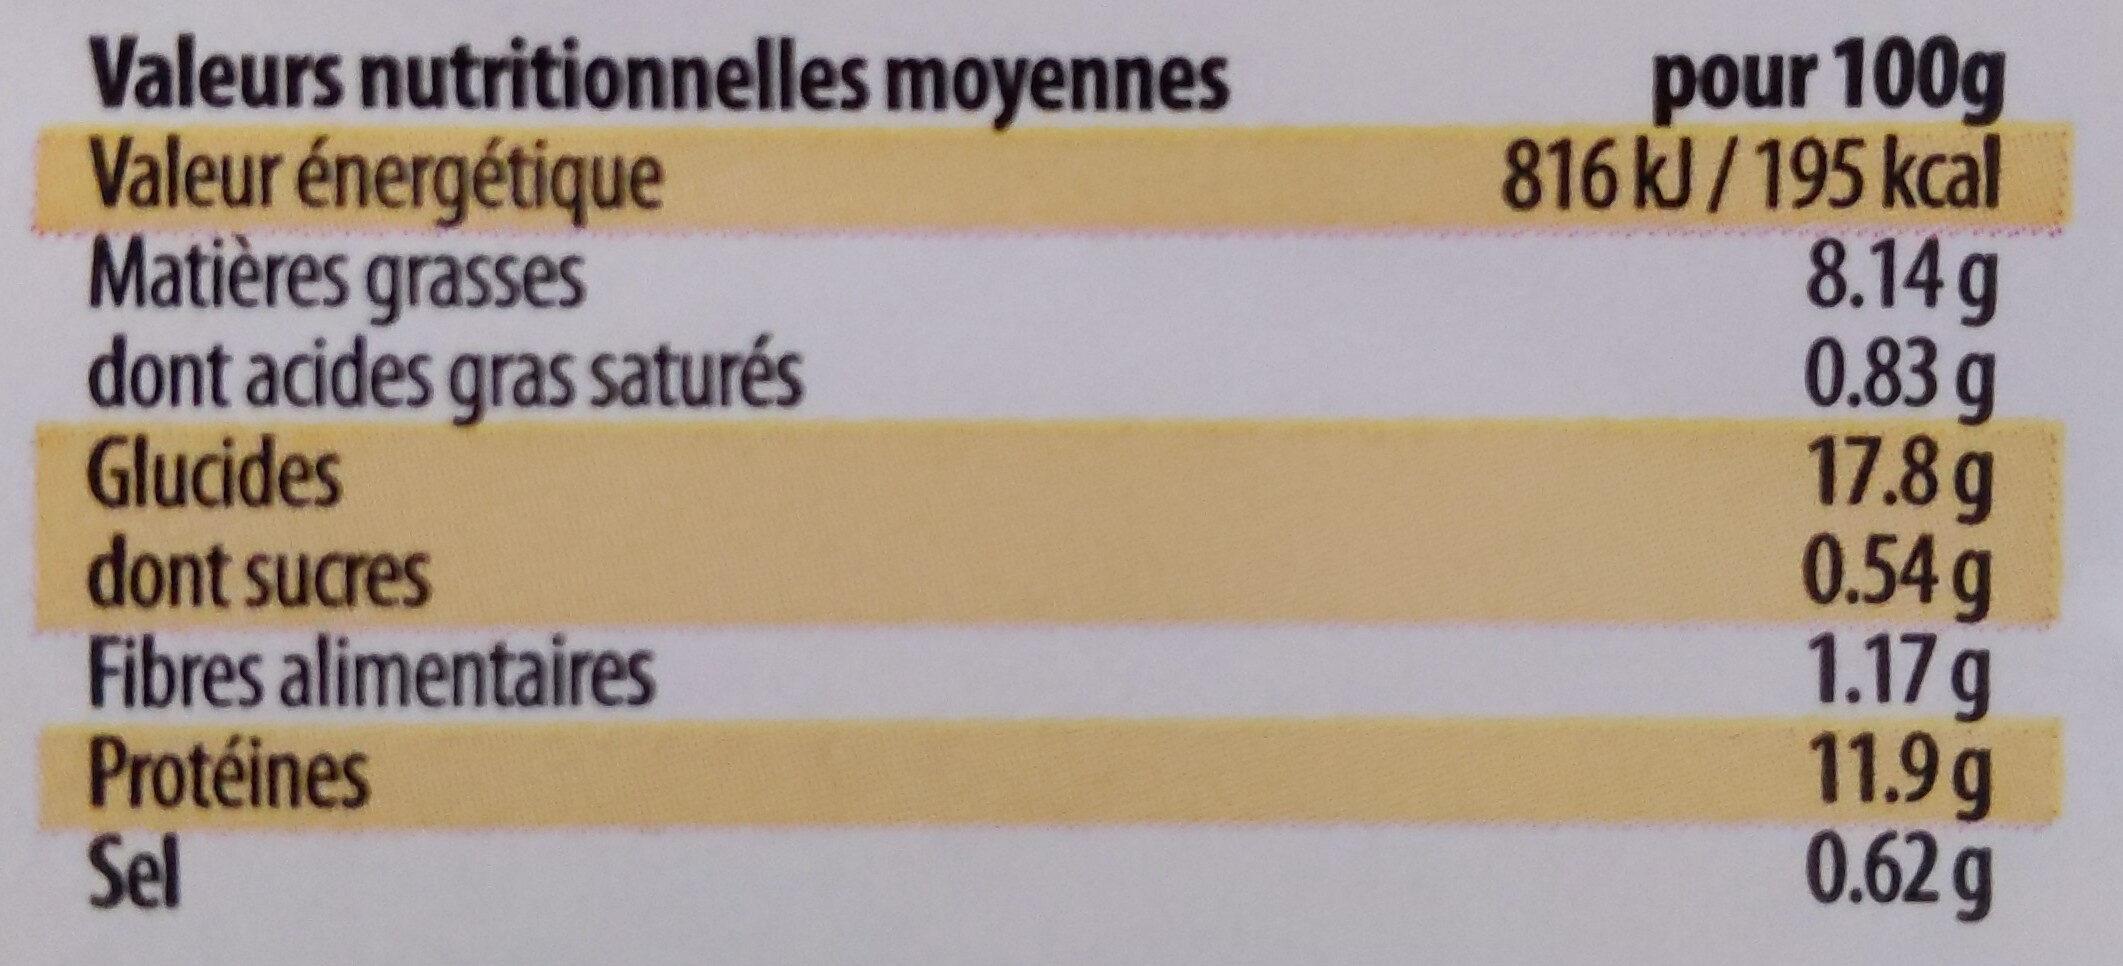 Panés au merlan - Voedingswaarden - fr